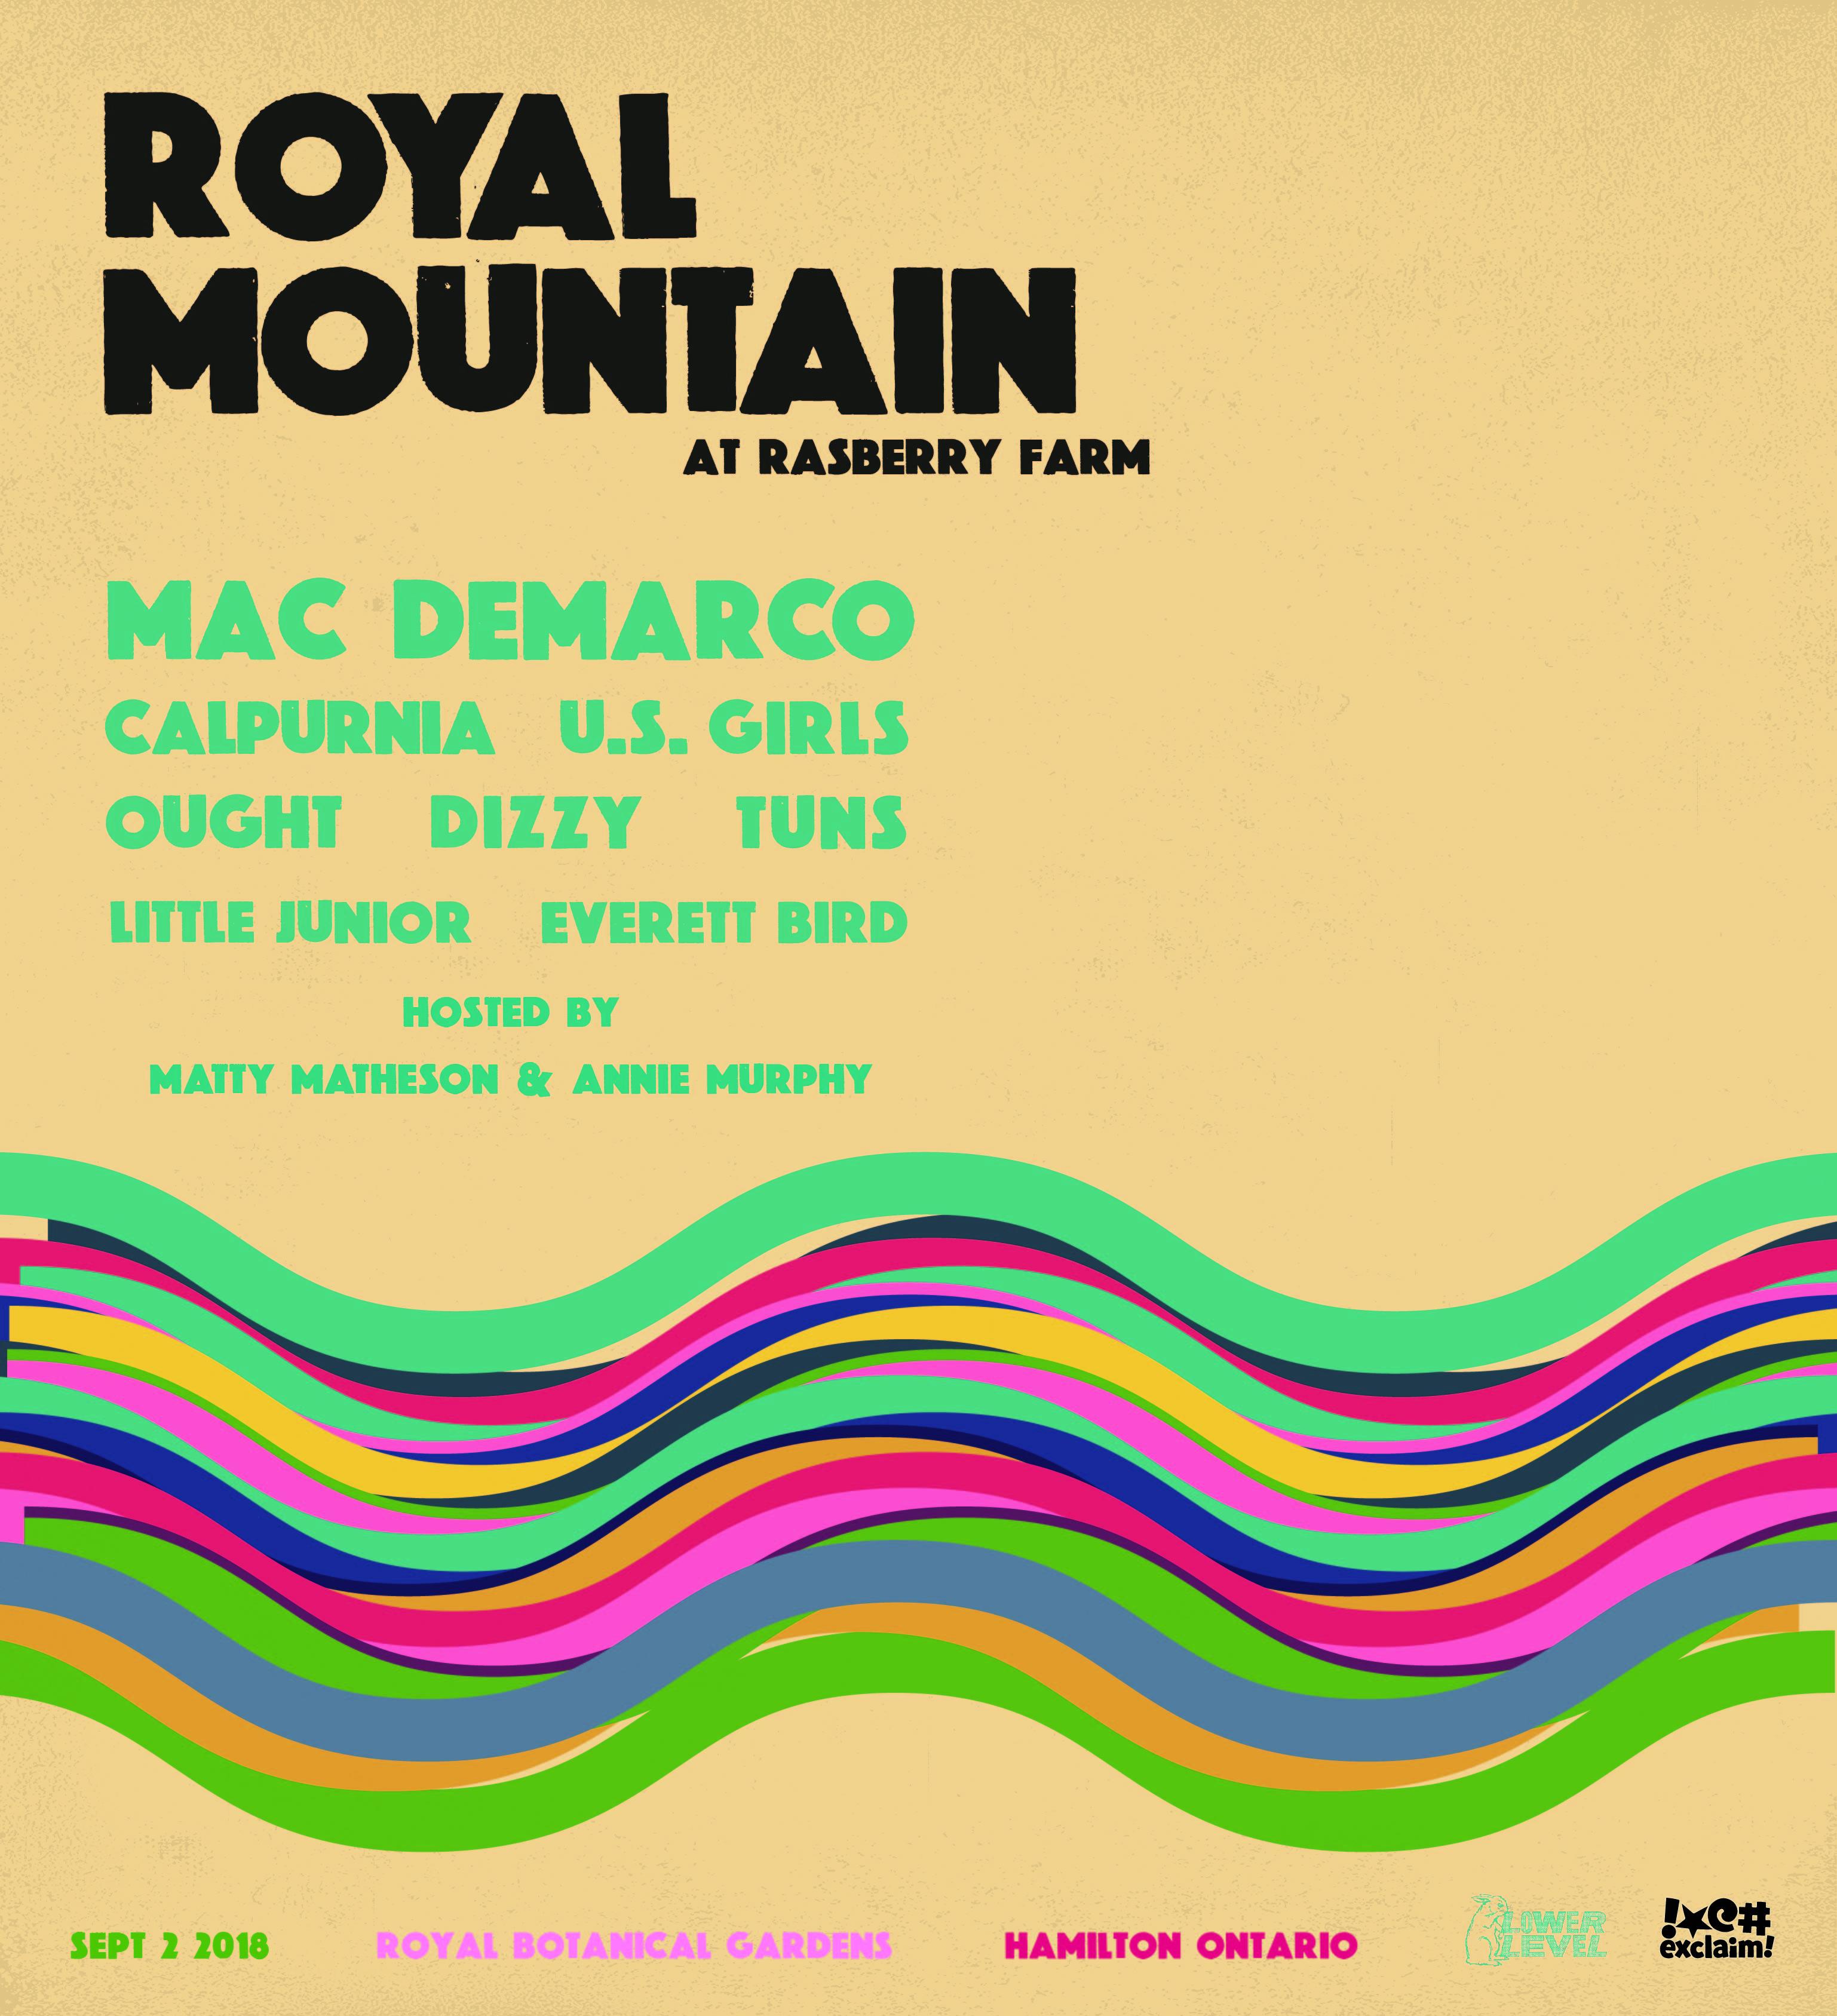 Royal Mountain at Rasberry Farm